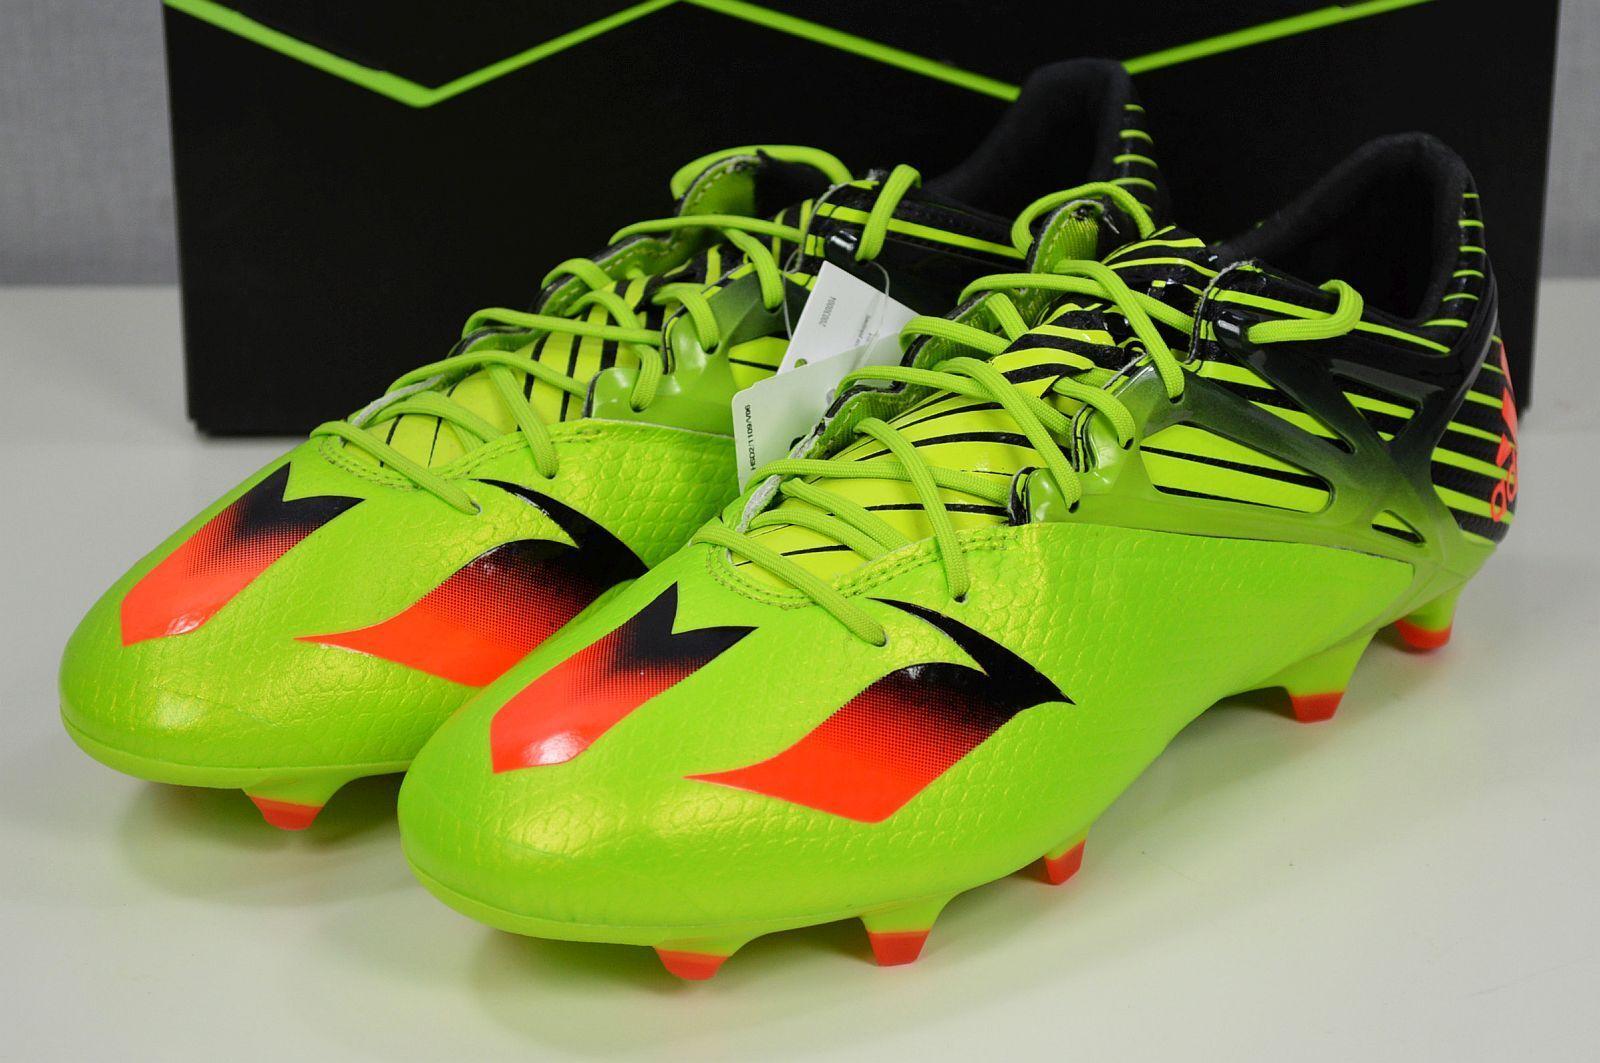 adidas Messi 15.1 Herren Fußballschuhe Sportschuhe Fußball Schuhe sale 22041715